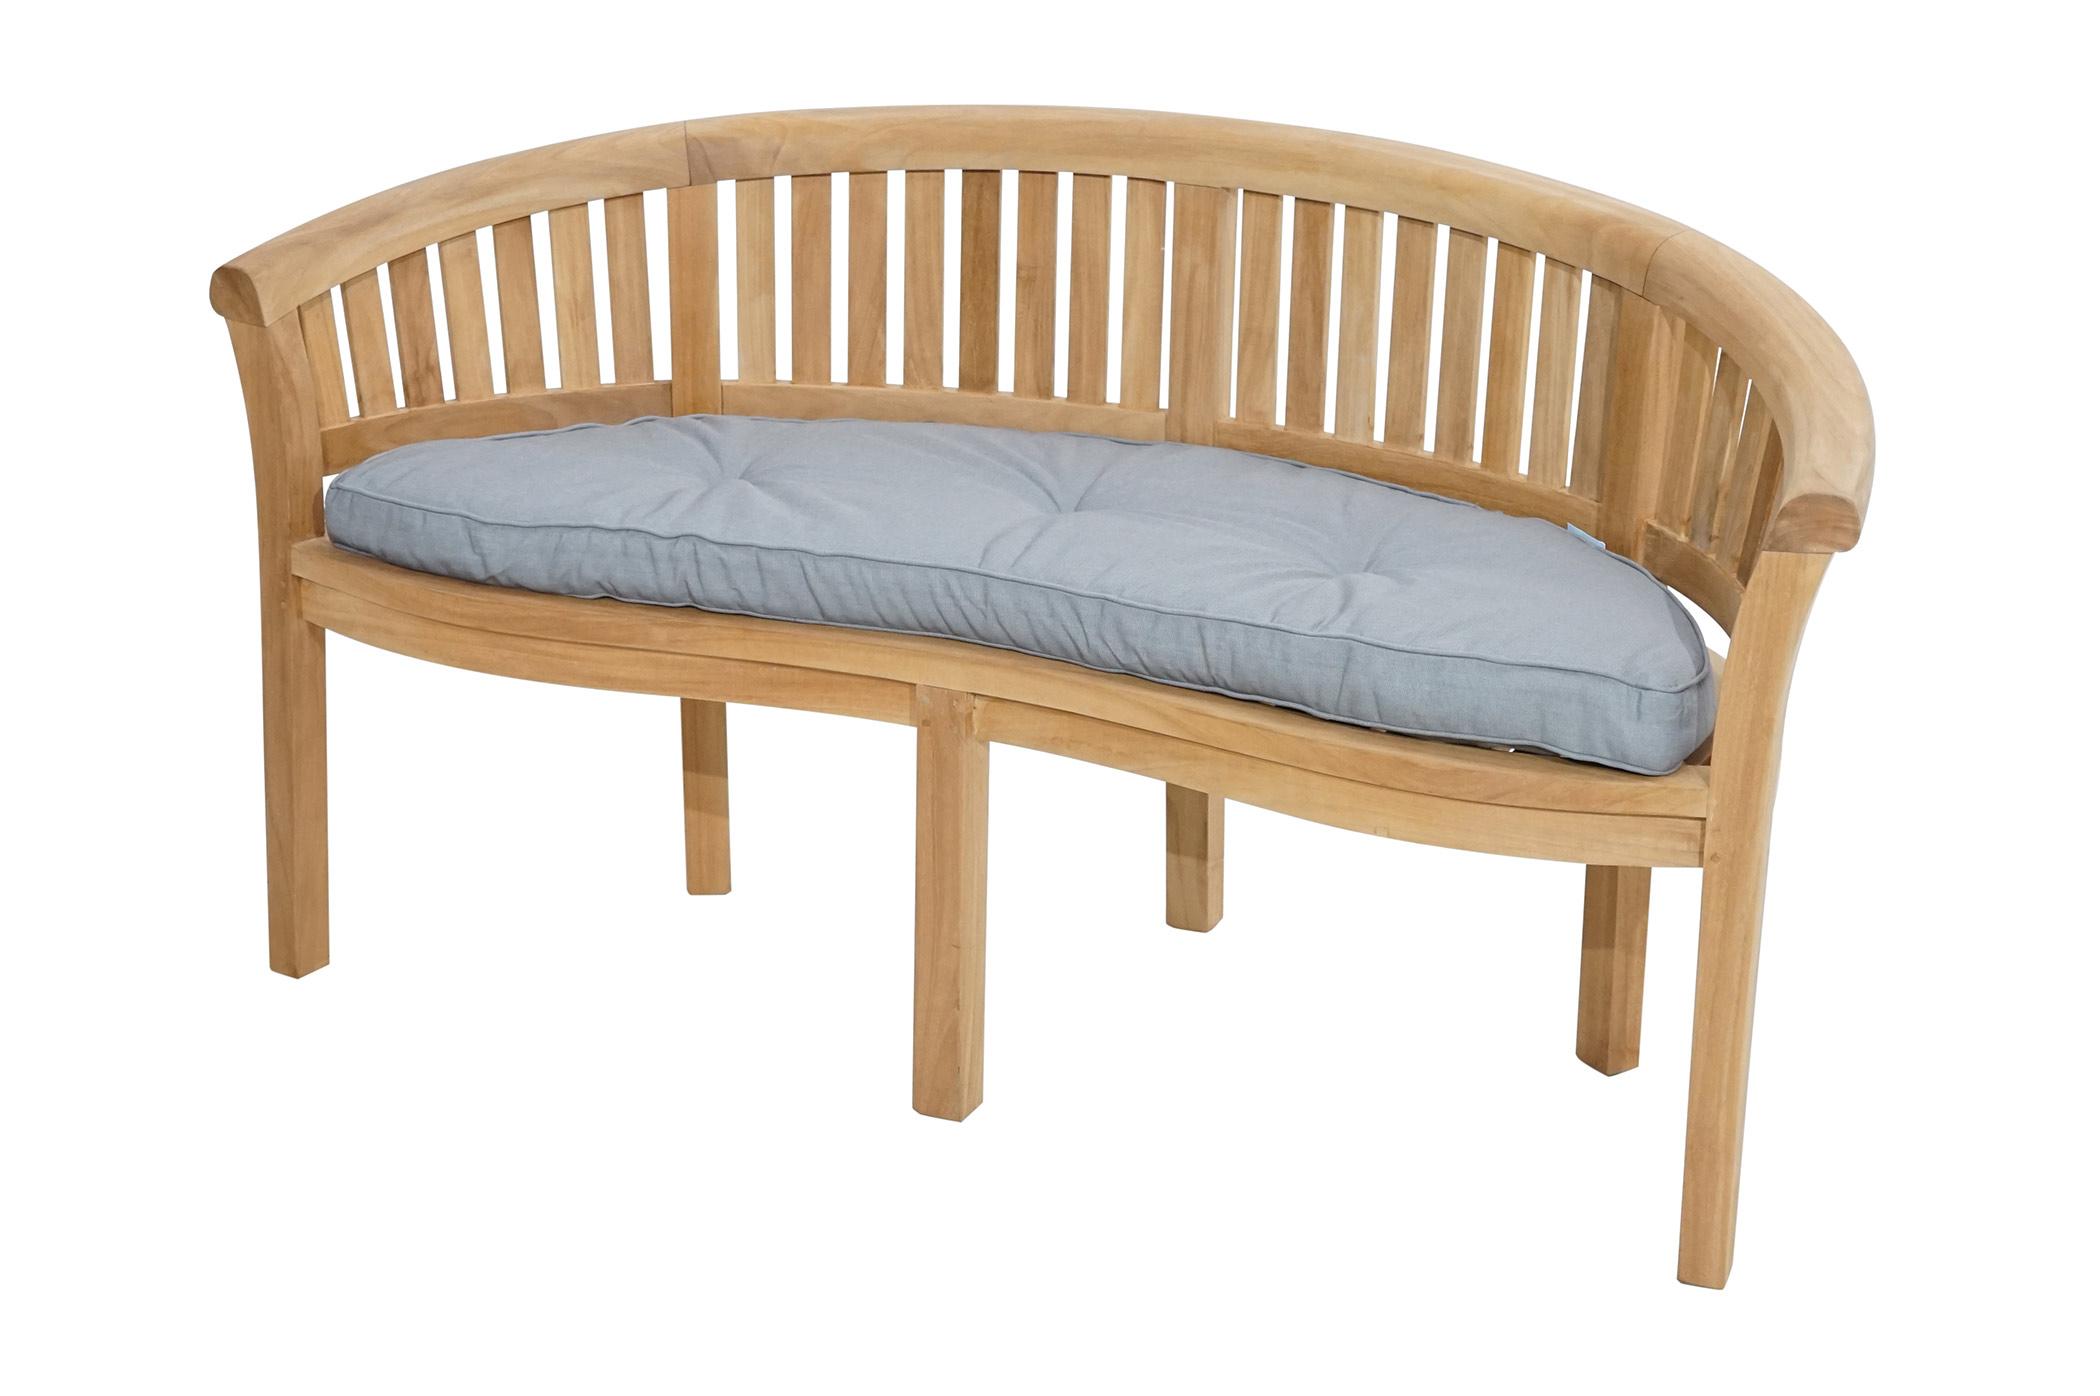 premiumpolster sydney 138cm bank san francisco polster f r b nke plaids auflagen. Black Bedroom Furniture Sets. Home Design Ideas